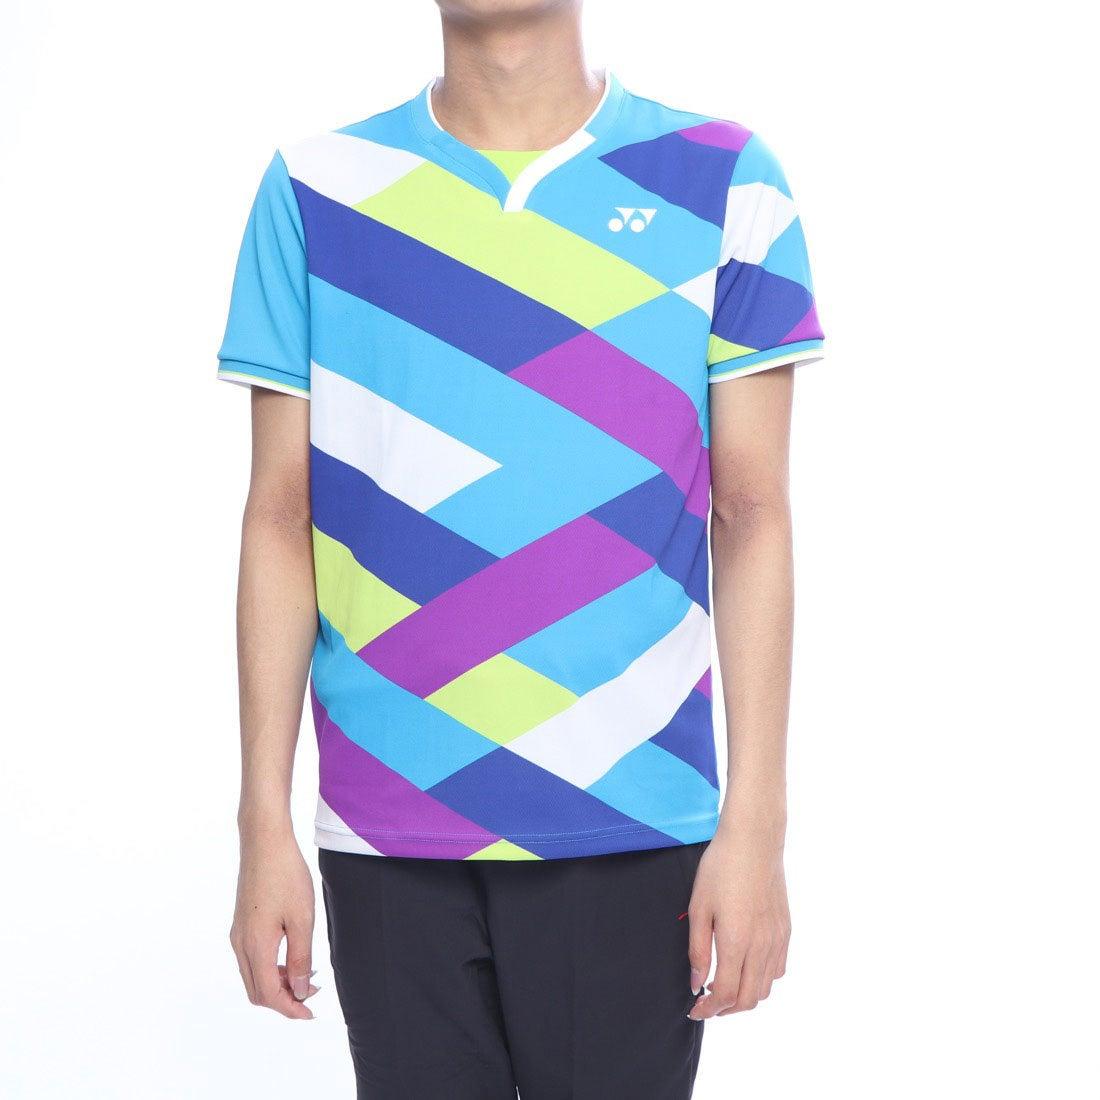 6fd4b3f63f1ad ヨネックス YONEX バドミントン 半袖Tシャツ ゲームシャツ(フィットスタイル) 10303 -レディースファッション通販  ロコンドガールズコレクション (ロココレ)